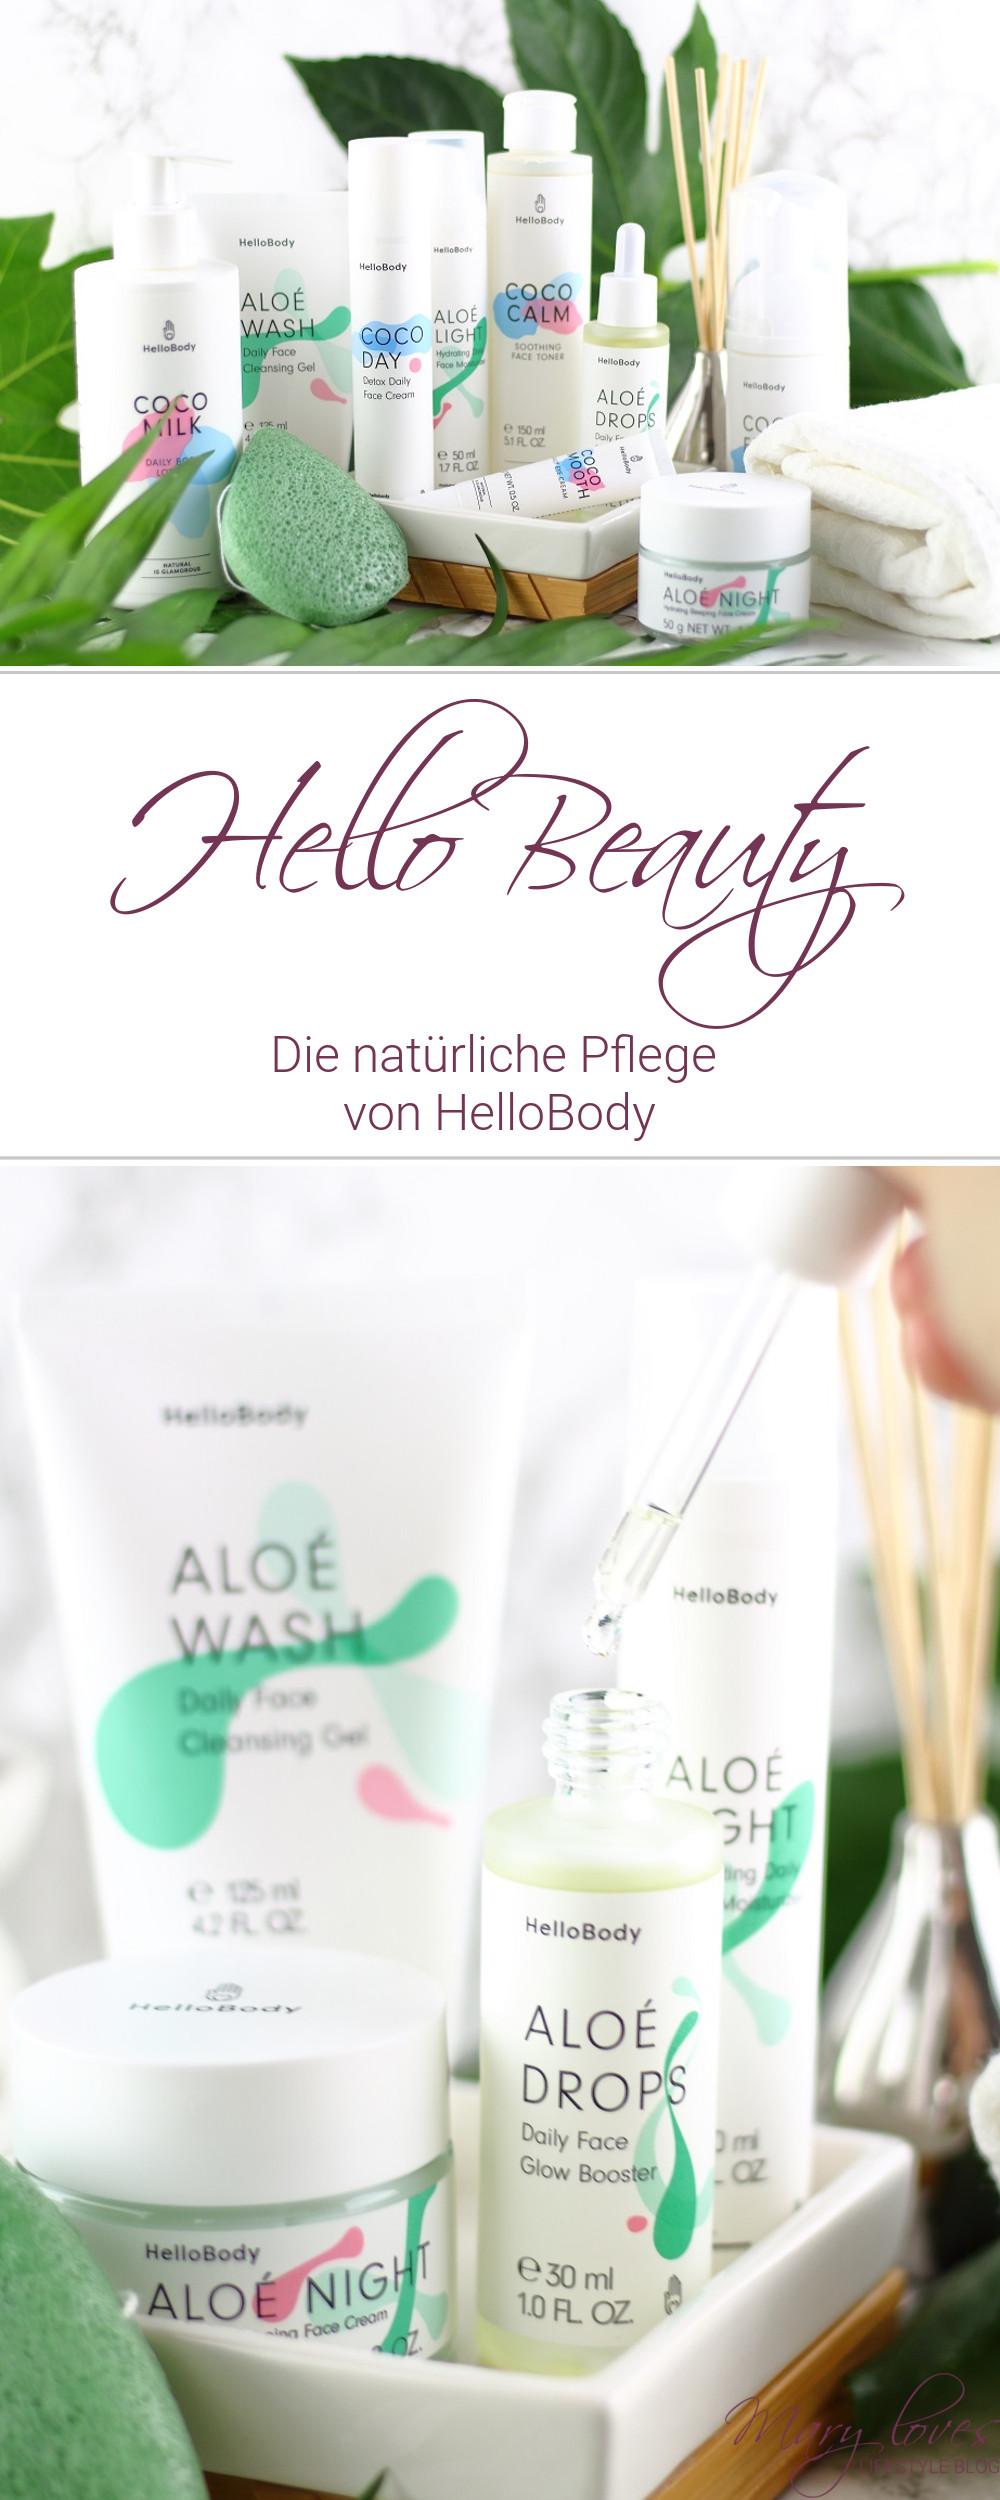 [Anzeige] Hello Beauty - Natürliche Pflege von HelloBody - #HelloBody #hellobeauty #naturalisglamorous #hautpflege #natürlichehautpflege #beautyprodukte #vegan #tierversuchsfrei #kokosduft #aloevera